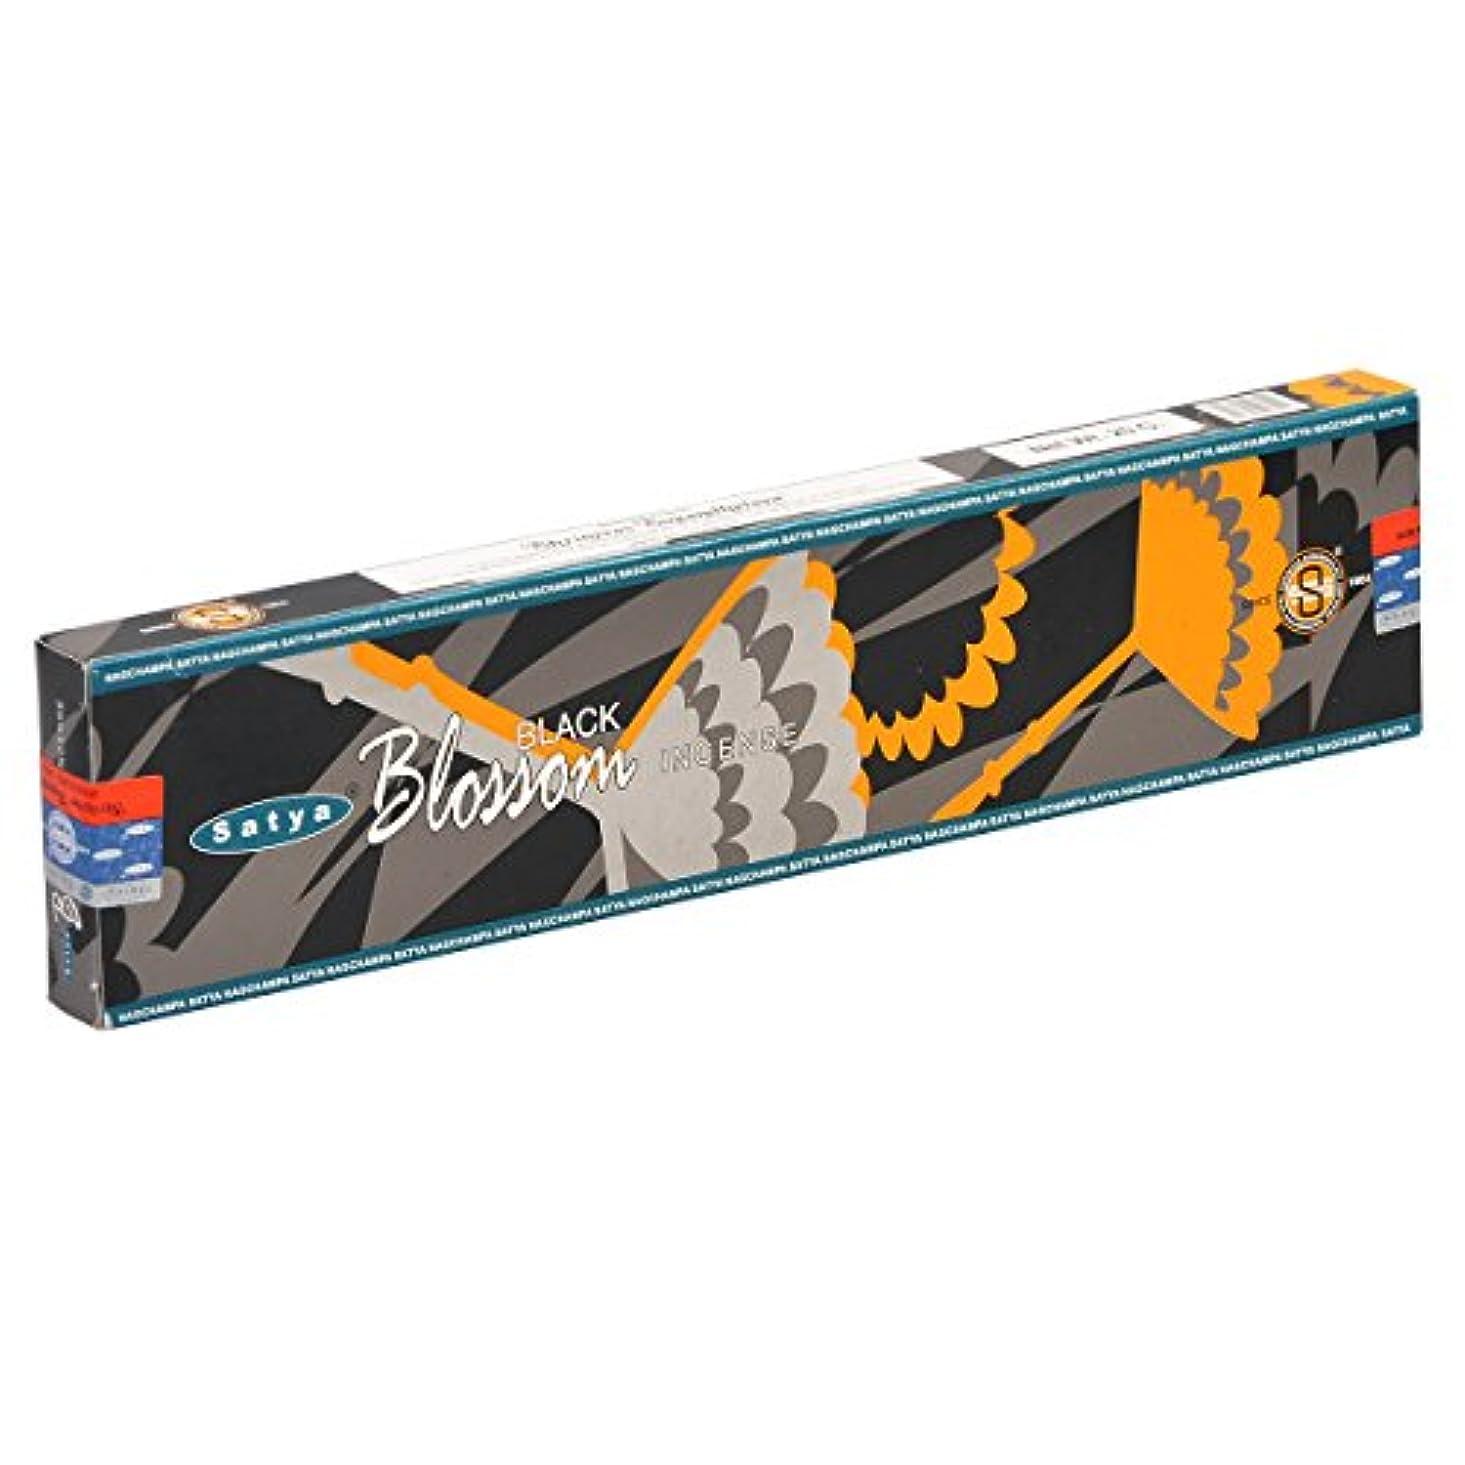 パリティ金属ランドリーSATYA(サティヤ) ブラックブロッサム BLACK Blossom スティックタイプ お香 1箱 単品 [並行輸入品]